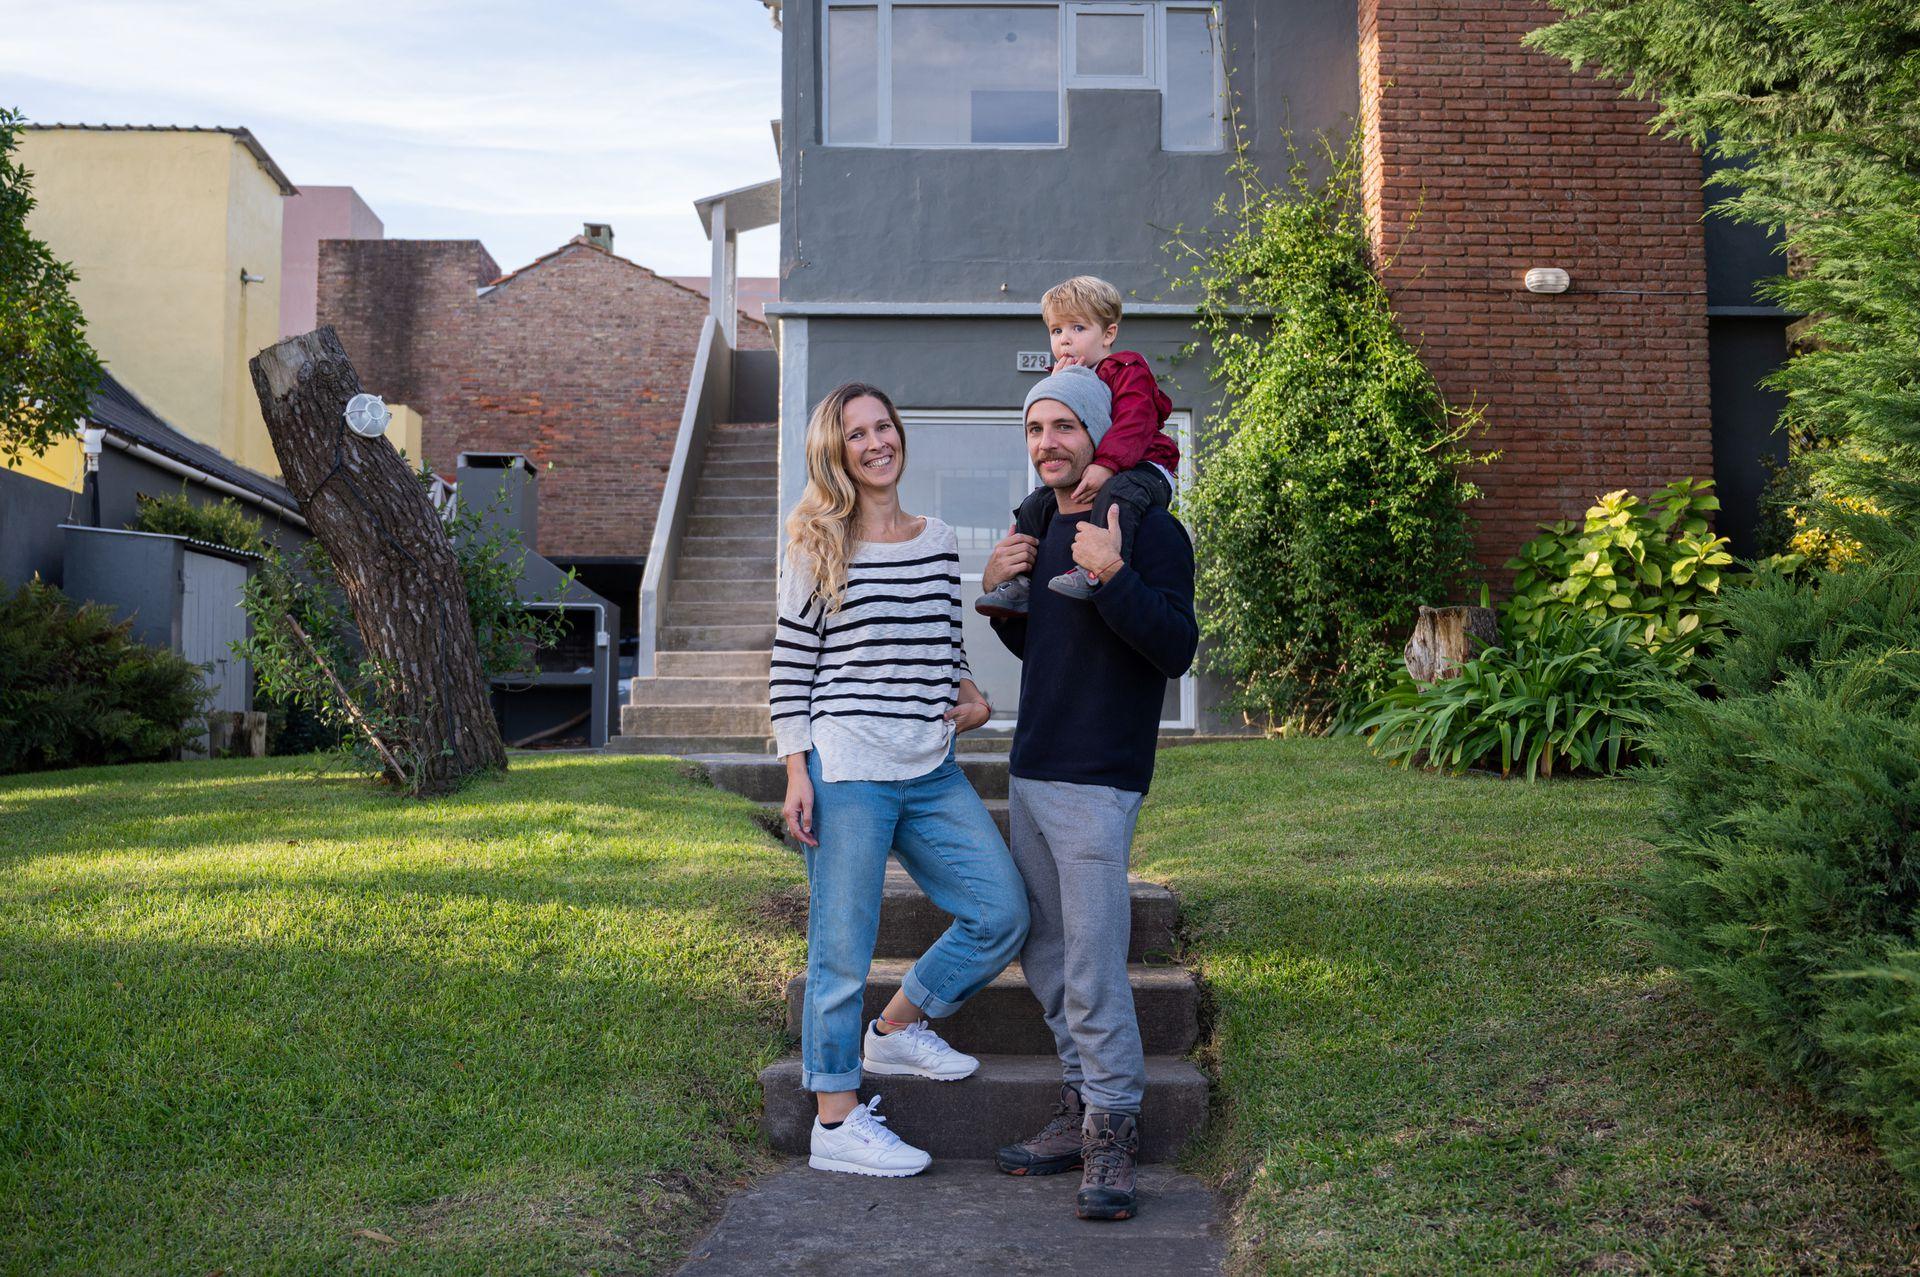 Joy Schvindlerman y su novio, Lucas Lucente, ambos de 37 años, frente a la casa que alquilaron en Ostende